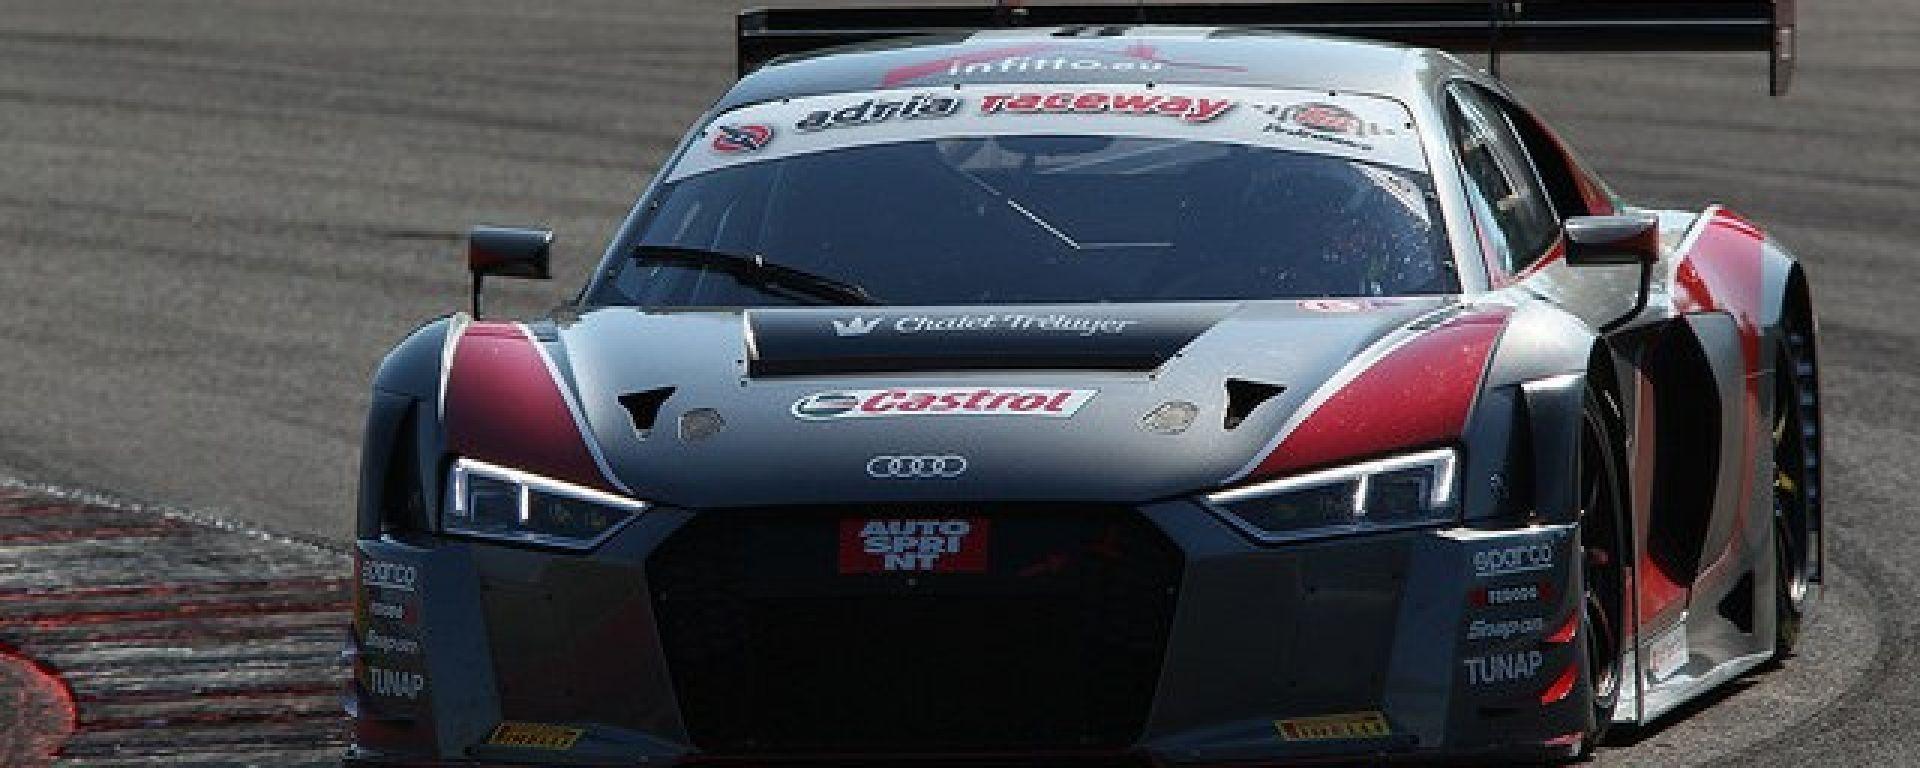 Circuito Misano - Audi Sport Italia, Campionato GT Italiano